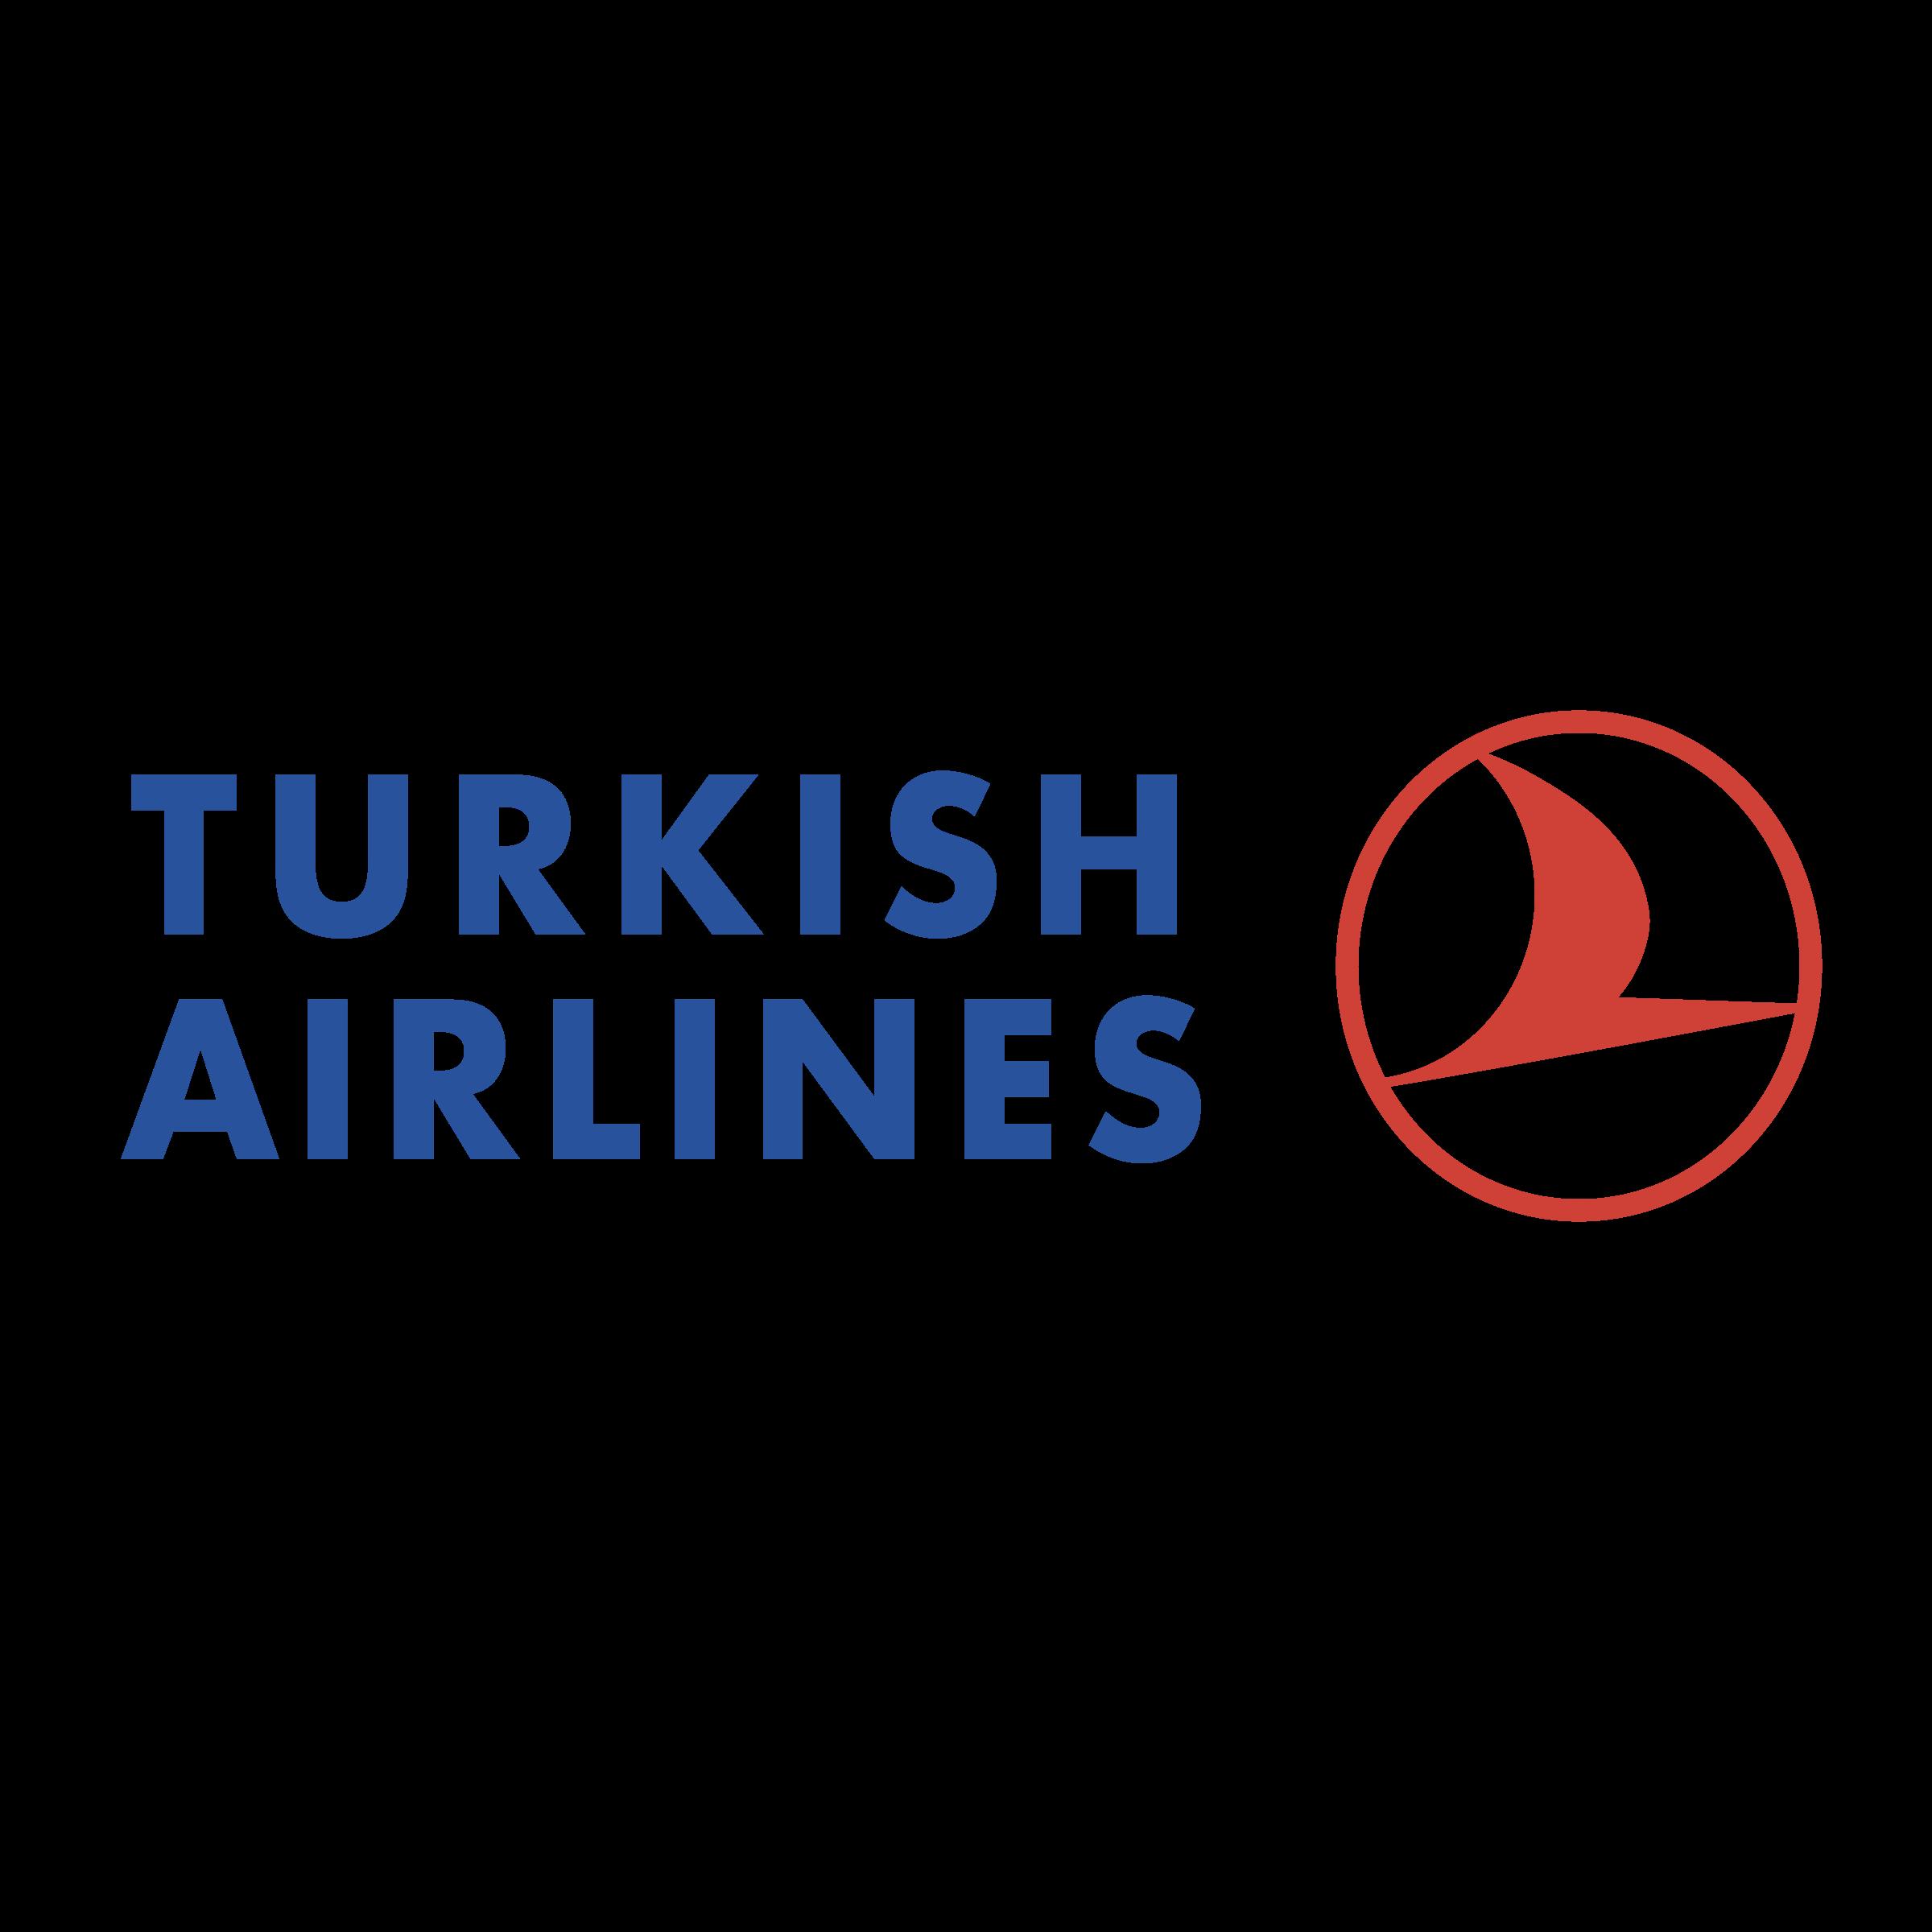 Turkish Airlines Logo PNG Transparent & SVG Vector.